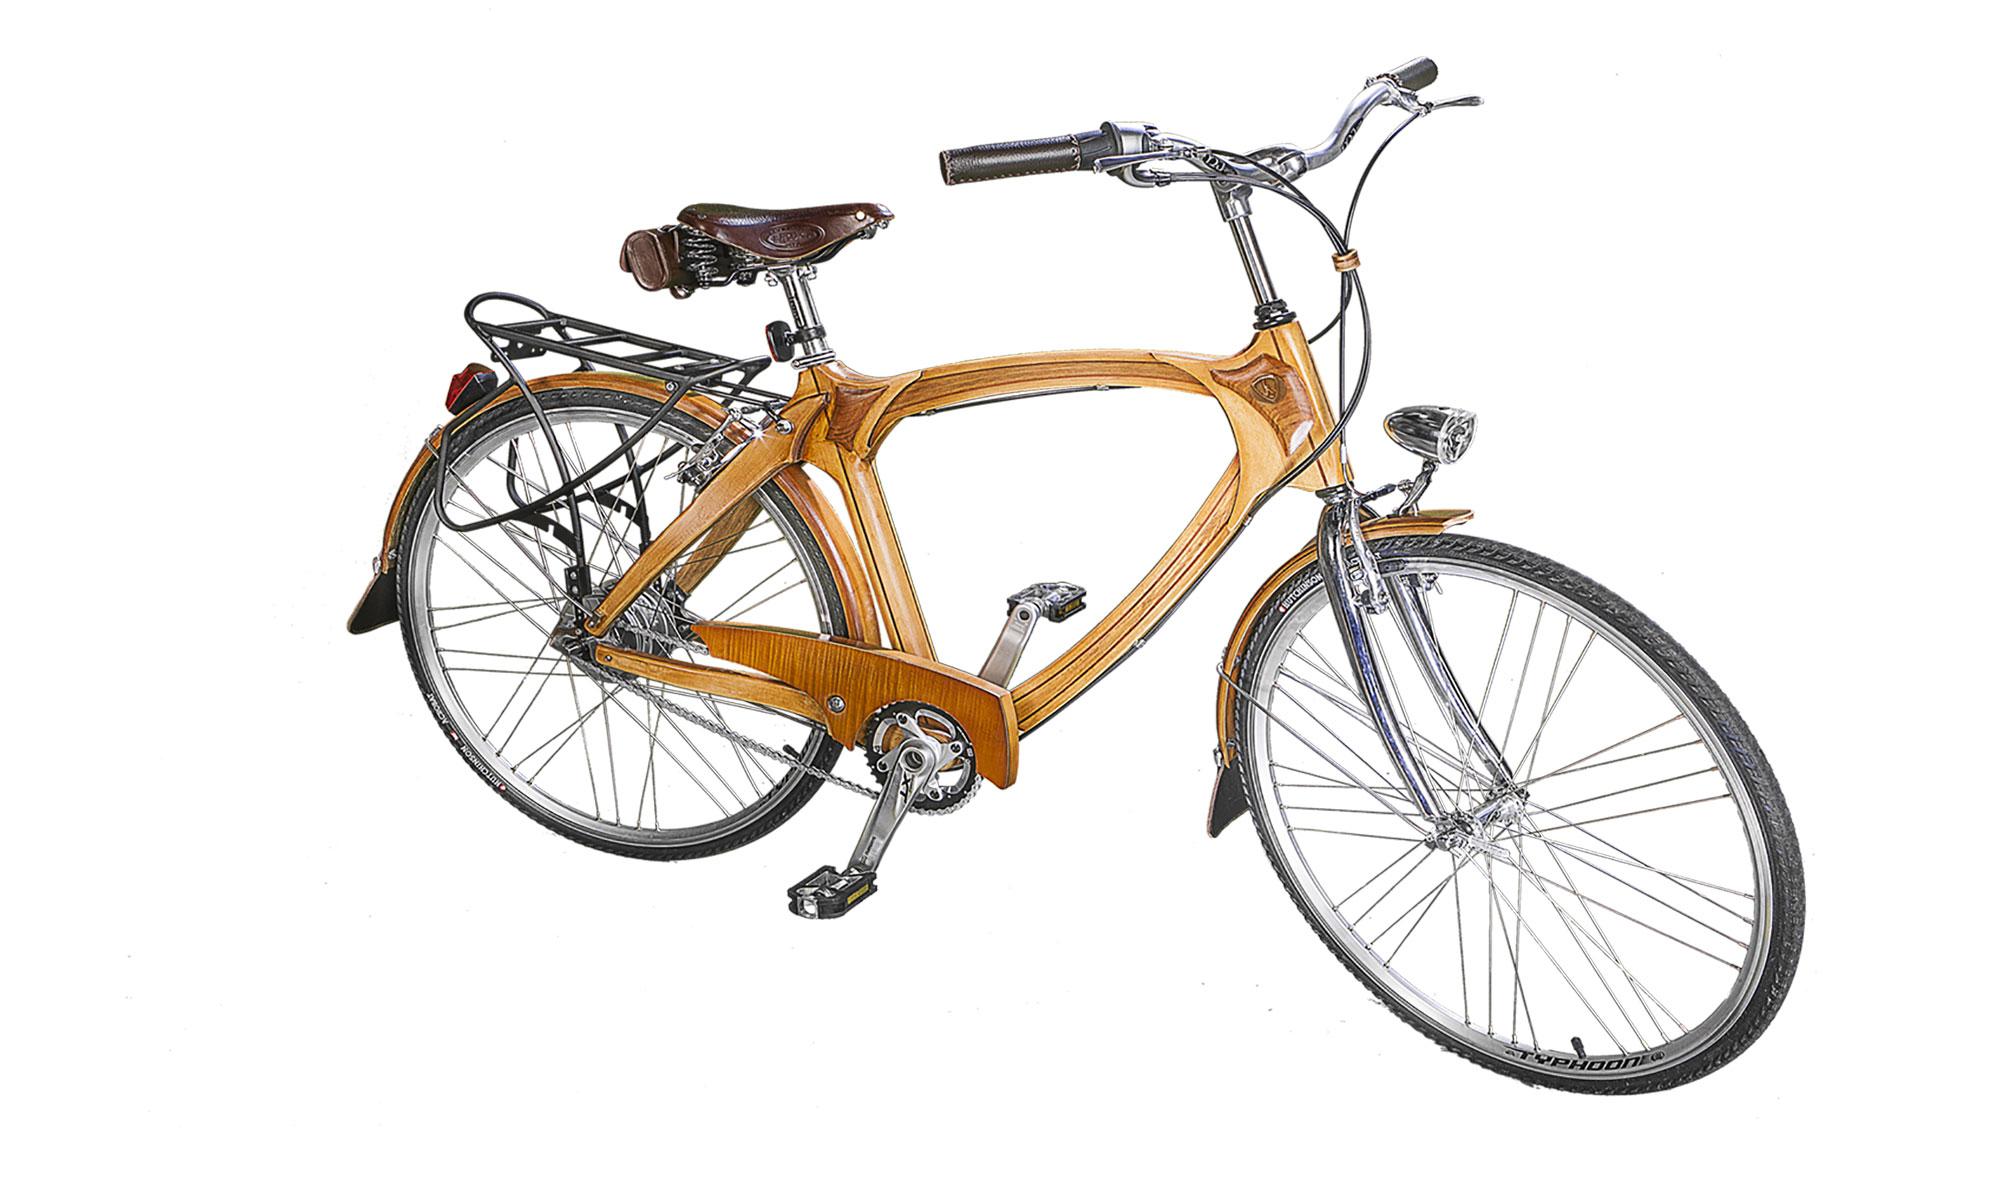 Bicicleta De Madera Vintage Eindhoven En Portobellostreet Es # Muebles Bicicleta